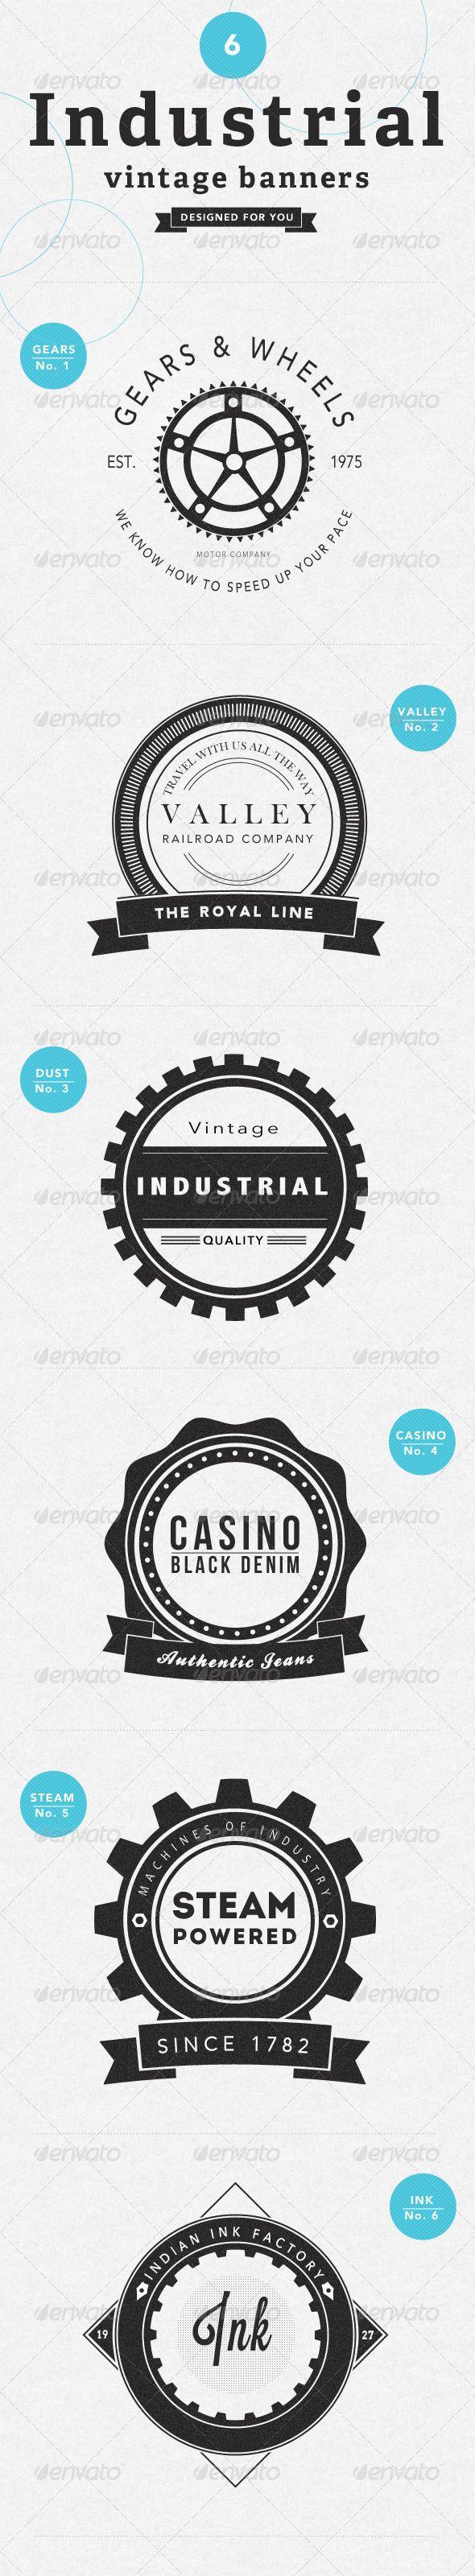 6 Industrial Vintage Badges - GraphicRiver Item for Sale